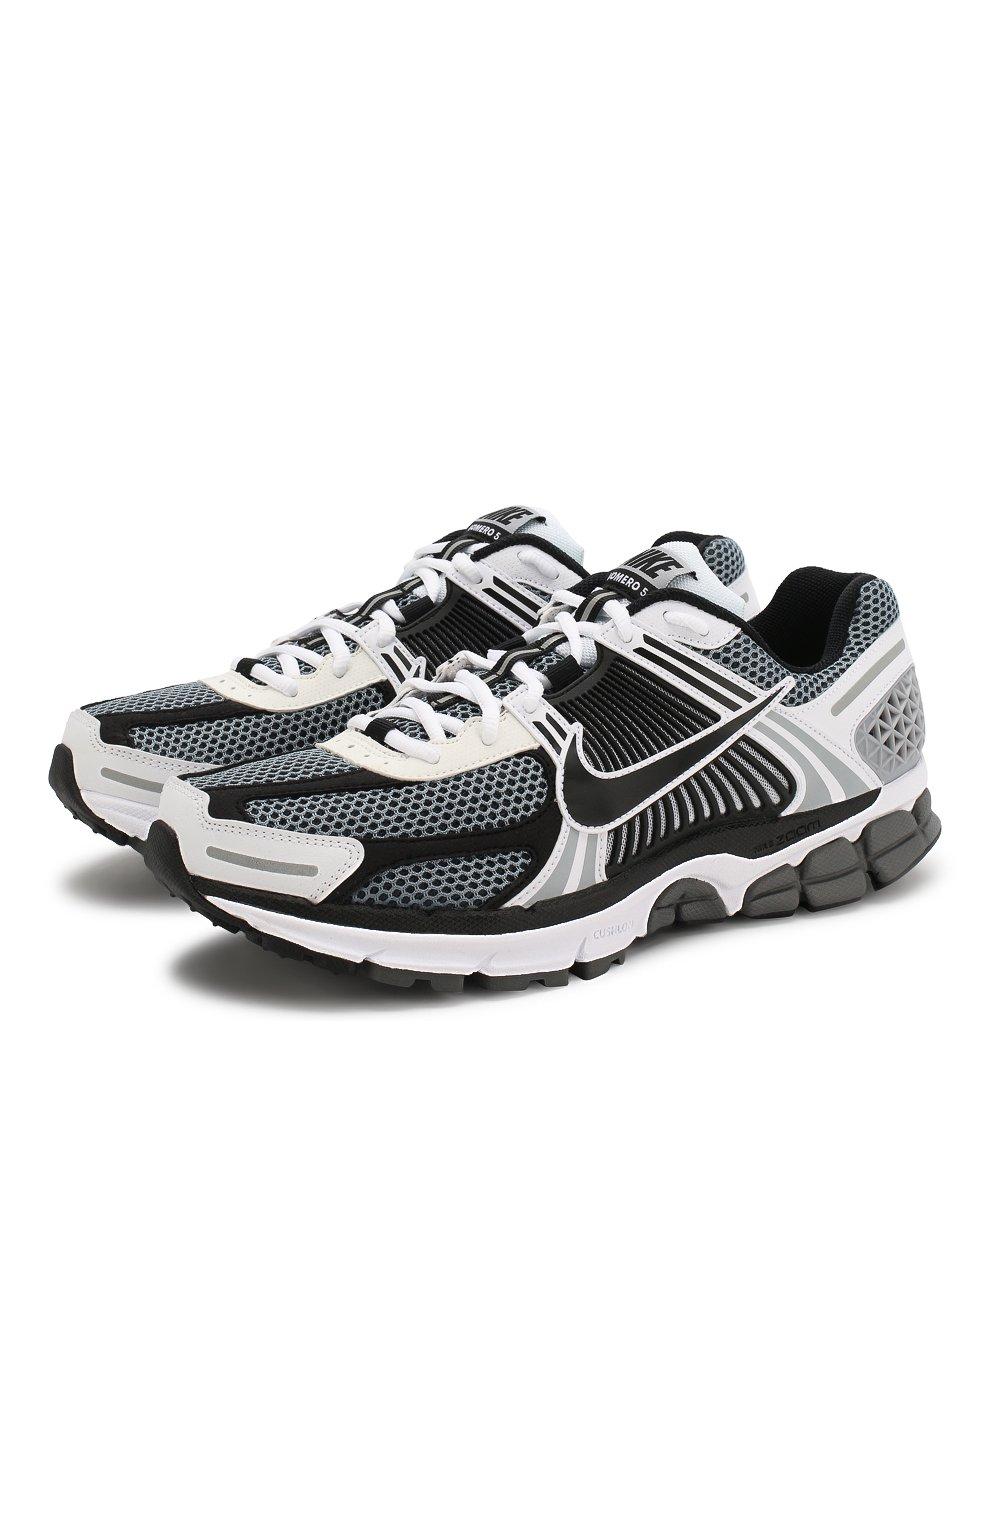 4fdf0dc9 Мужские кроссовки, размер 38, по цене от 7 370 руб. купить в  интернет-магазине ЦУМ